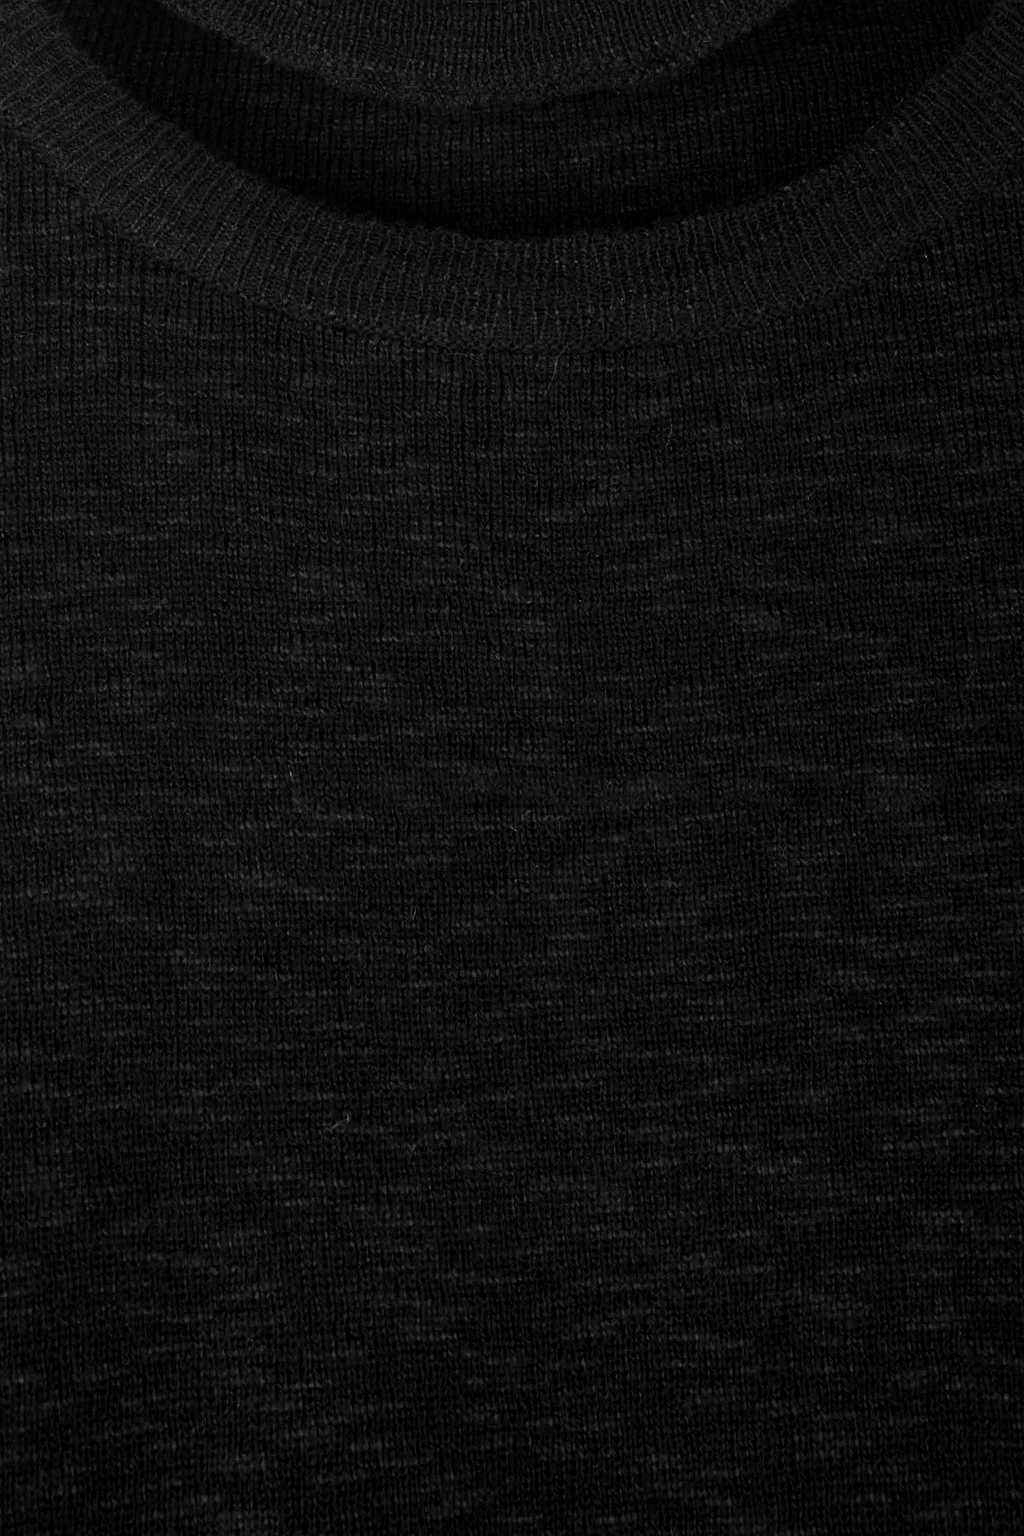 TShirt H358 Black 6